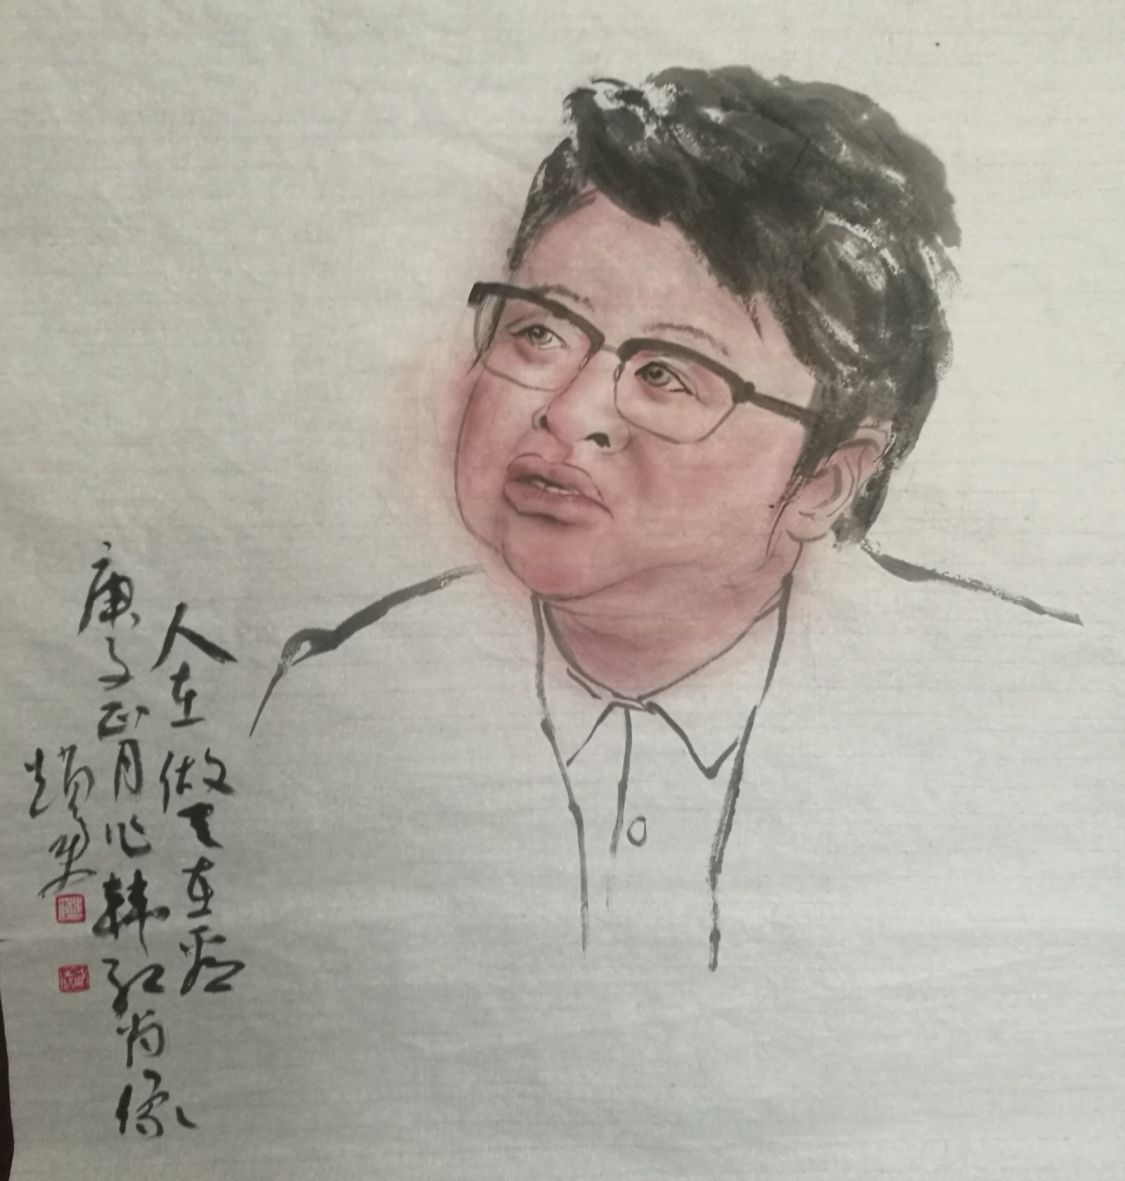 国画:韩红肖像《人在做天在看》赵勇13793051199